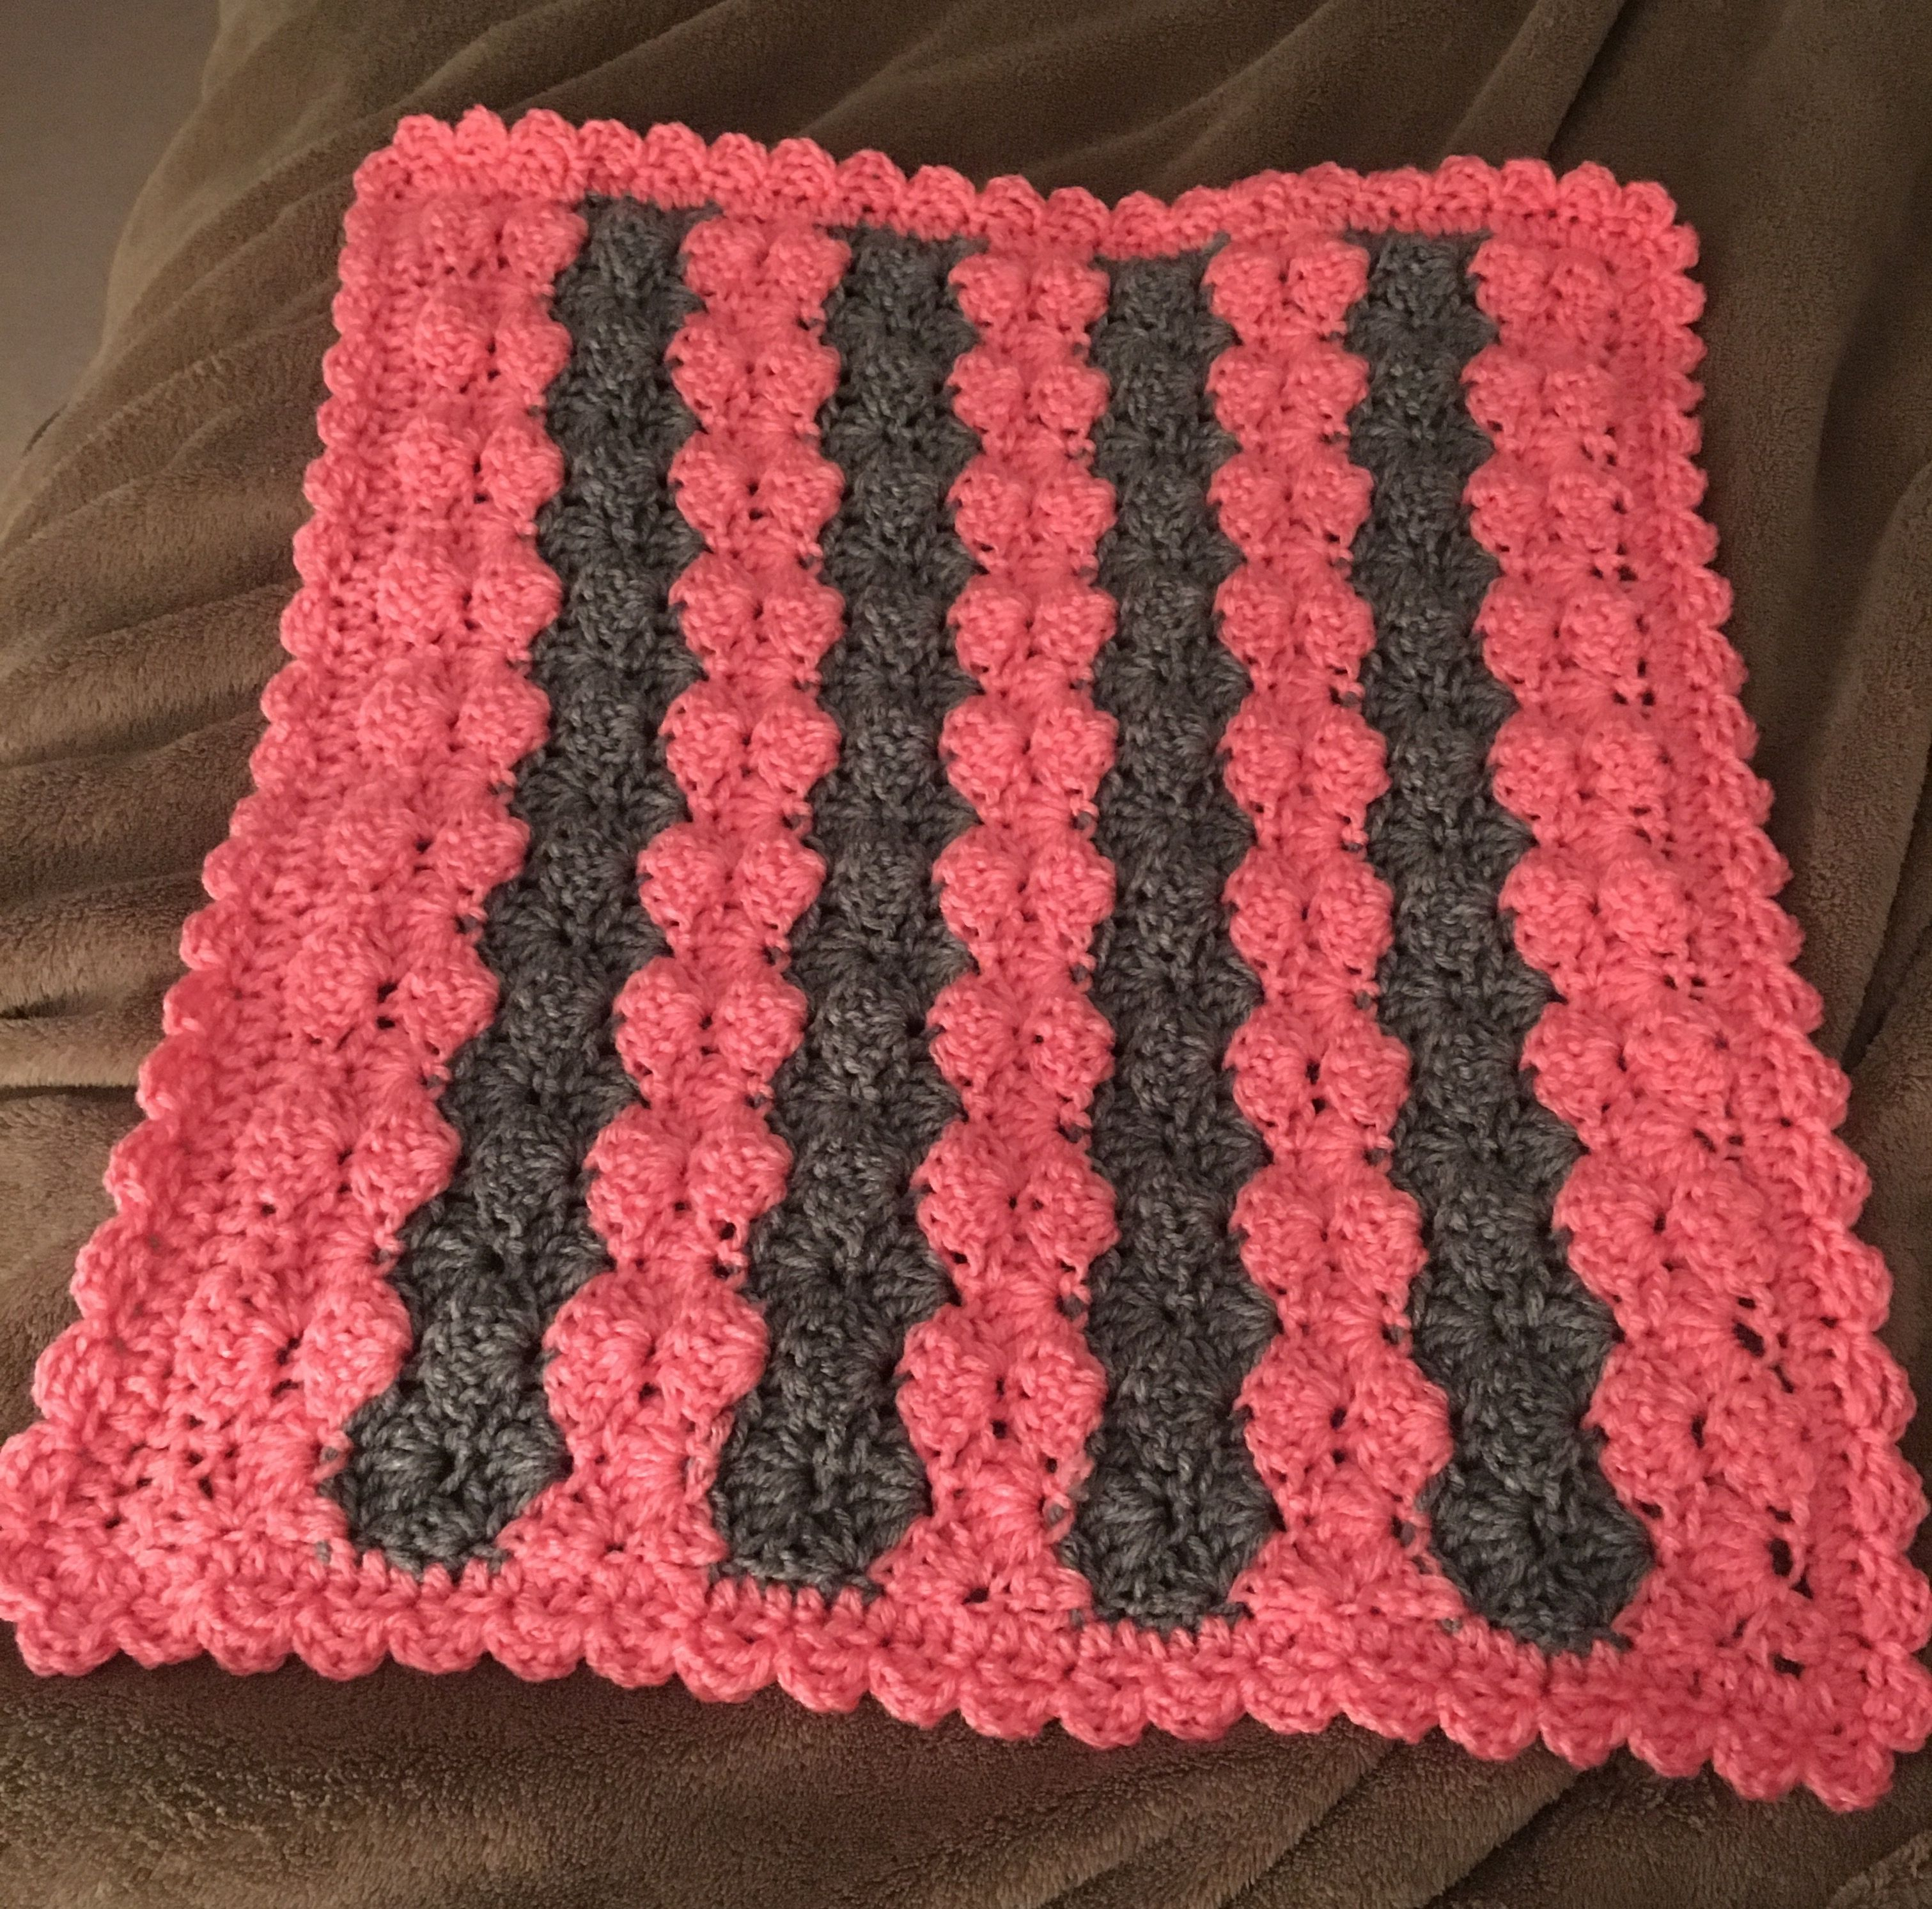 Shell crochet doll blanket